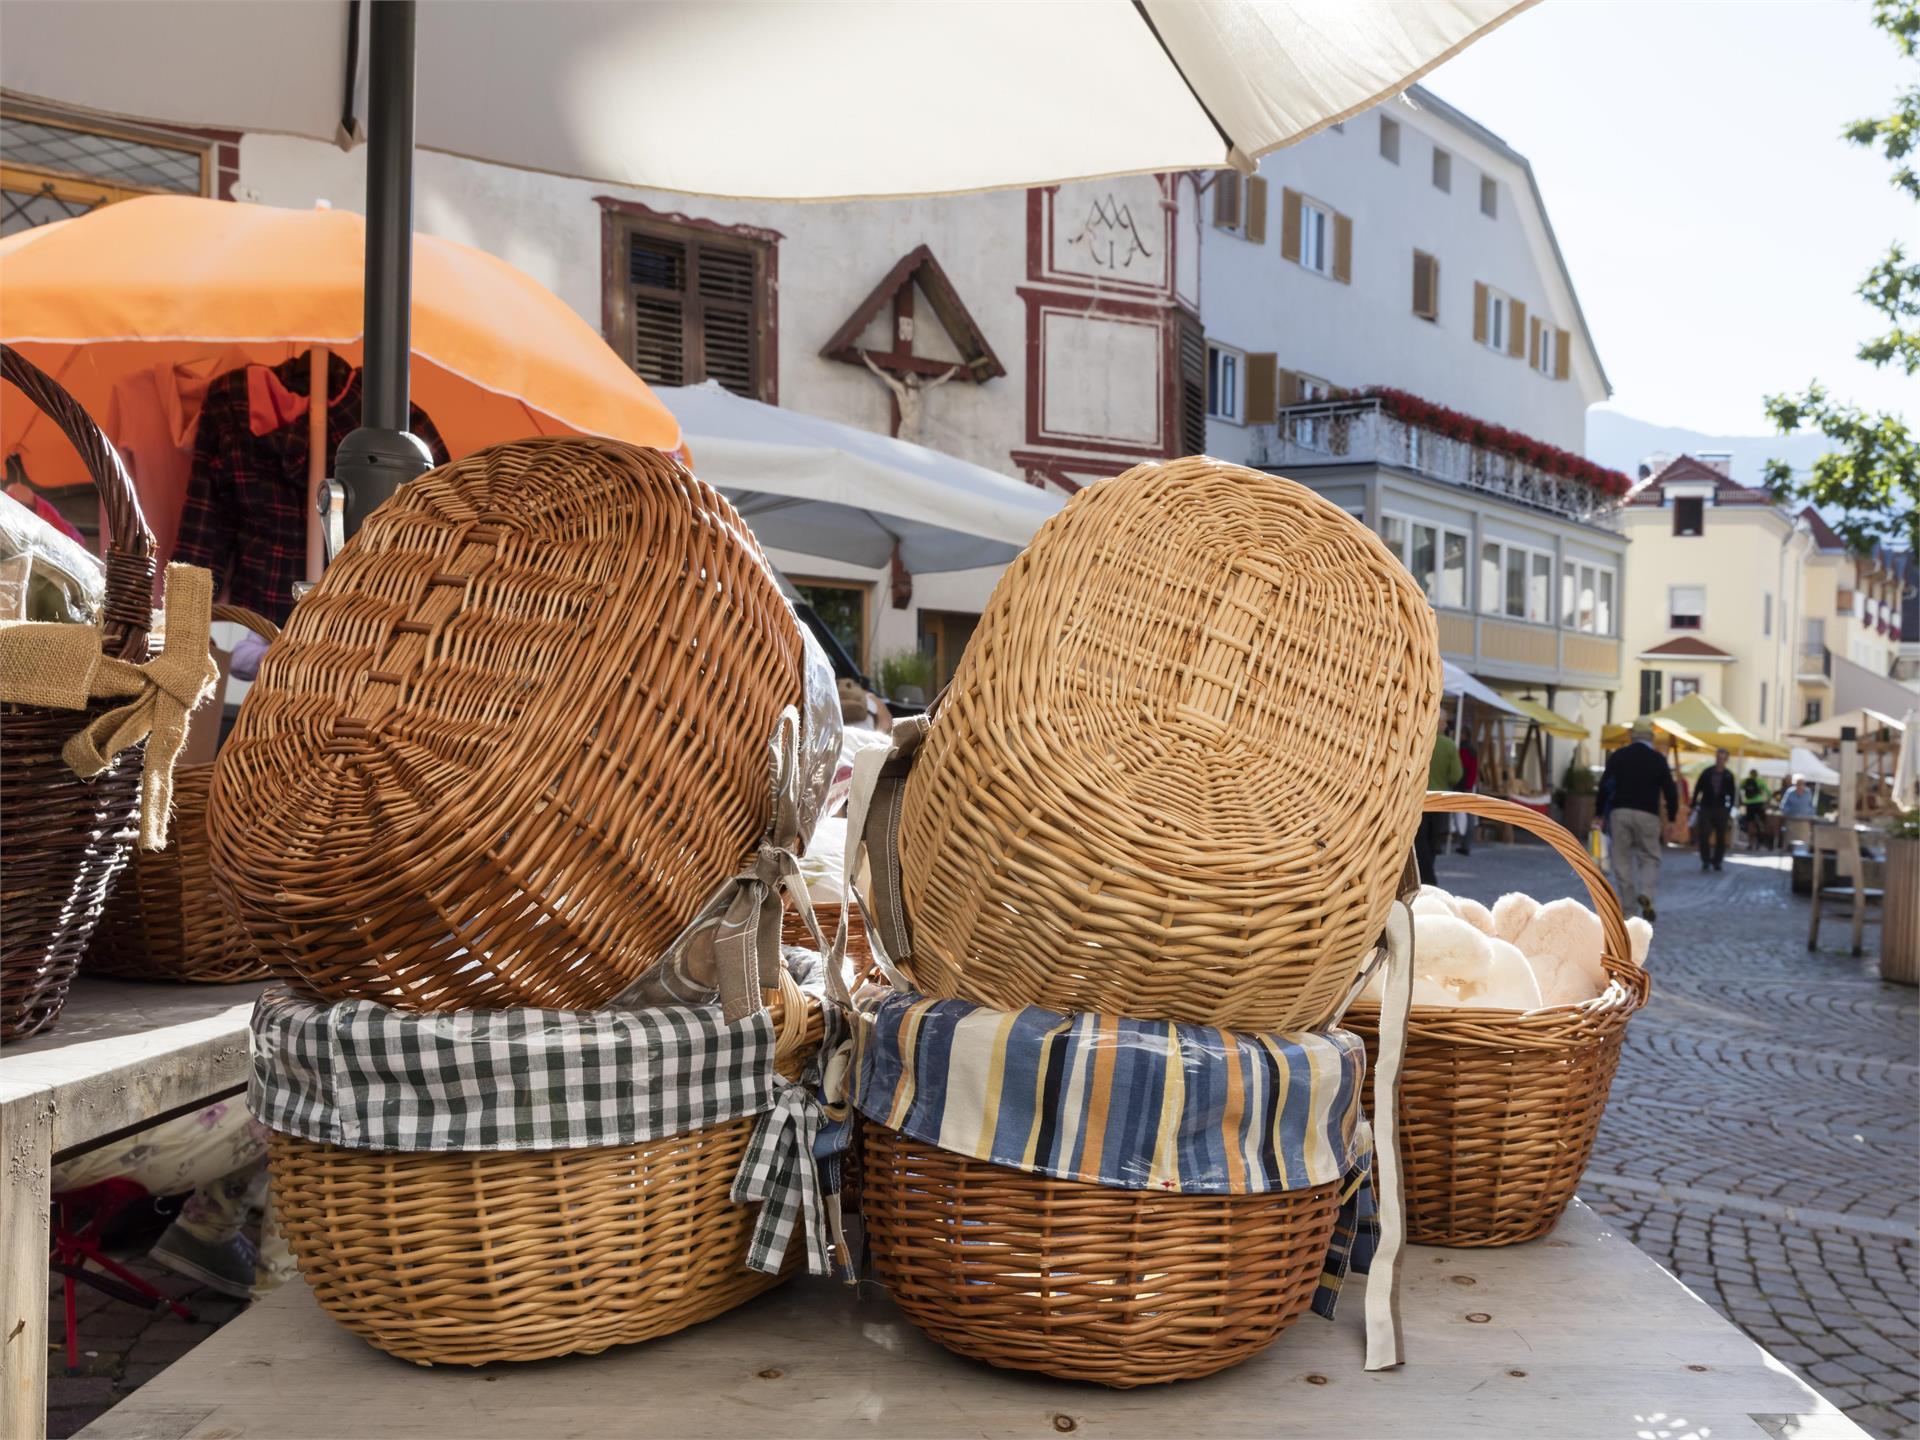 St.-Veit-Markt in Tartsch